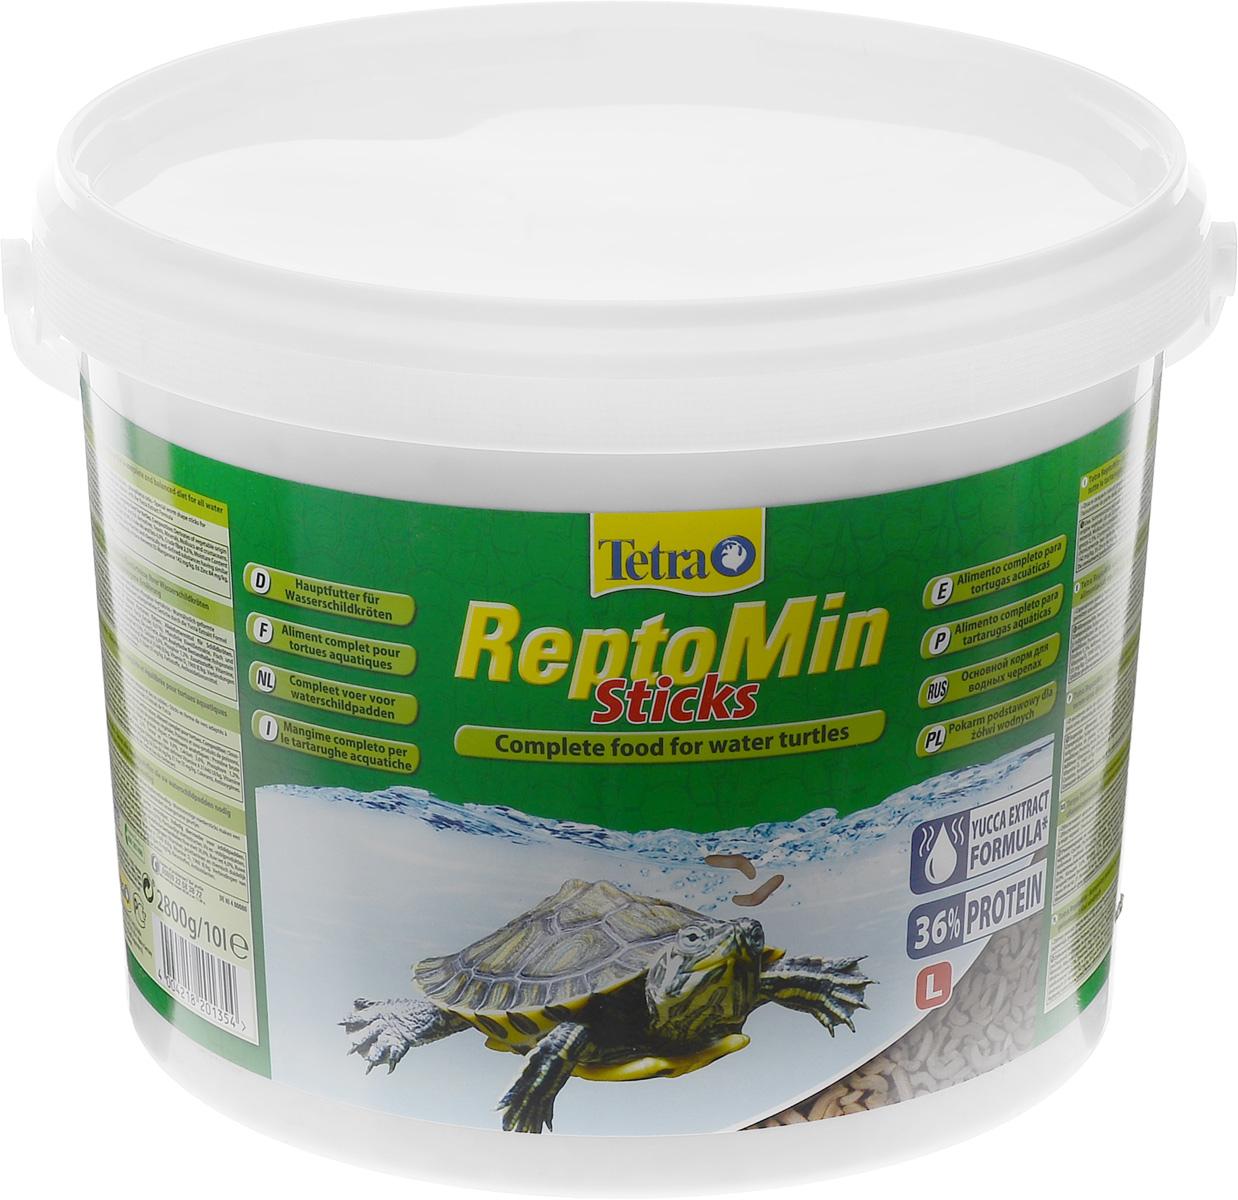 Корм для водных черепах Tetra ReptoMin, палочки, 10 л (2,5 кг)0120710Корм Tetra ReptoMin - полноценный сбалансированный питательный корм высшего качества для любых видов водных черепах. Поддерживает здоровье, нормальный рост и придает жизненные силы. Оптимальное соотношение кальция и фосфора для формирования твердого панциря и крепких костей. Запатентованная БиоАктив-формула обеспечивает здоровую иммунную систему.Состав: растительные продукты, рыба и побочные рыбные продукты, экстракты растительного белка, дрожжи, минеральные вещества, моллюски и раки, масла и жиры, водоросли. Аналитические компоненты: сырой белок 39%, сырые масла и жиры 4,5%, сырая клетчатка 2%, влага 9%, кальций 3,3%, фосфор 1,3%. Добавки: витамин А 29550 МЕ/кг, витамин Д3 1845 МЕ/кг, Е5 марганец 134 мг/кг, Е6 цинк 80 мг/кг, Е1 железо 52 мг/кг, Е3 кобальт 0,9 мг/кг, красители, антиоксиданты. Товар сертифицирован.